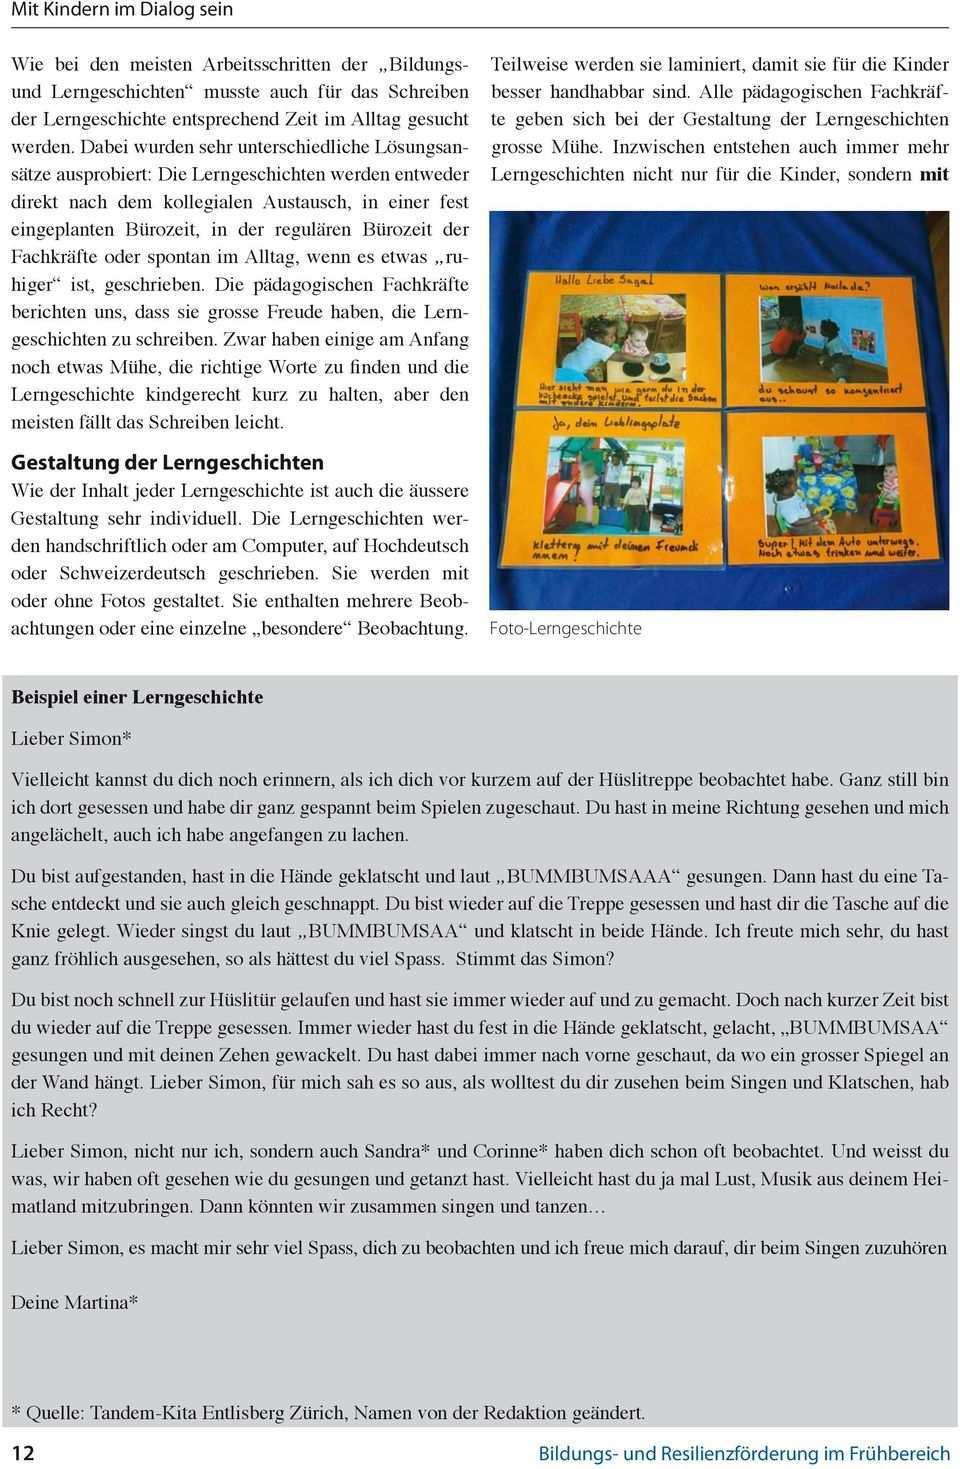 Lerngeschichten Machen Stark Mit Kindern Im Dialog Sein Pdf Free Download